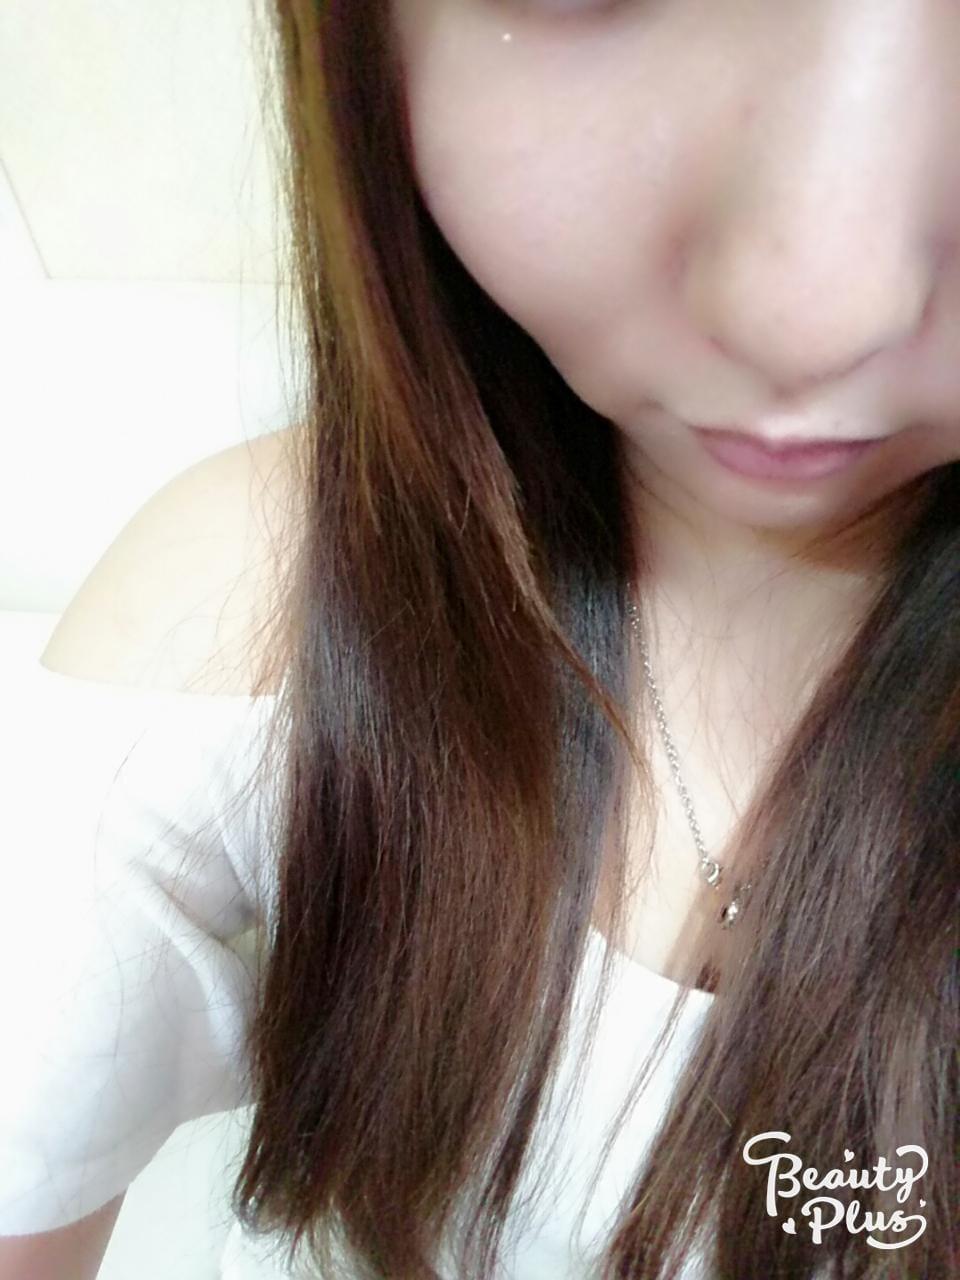 「あーつー」07/24(火) 18:31 | かなたの写メ・風俗動画